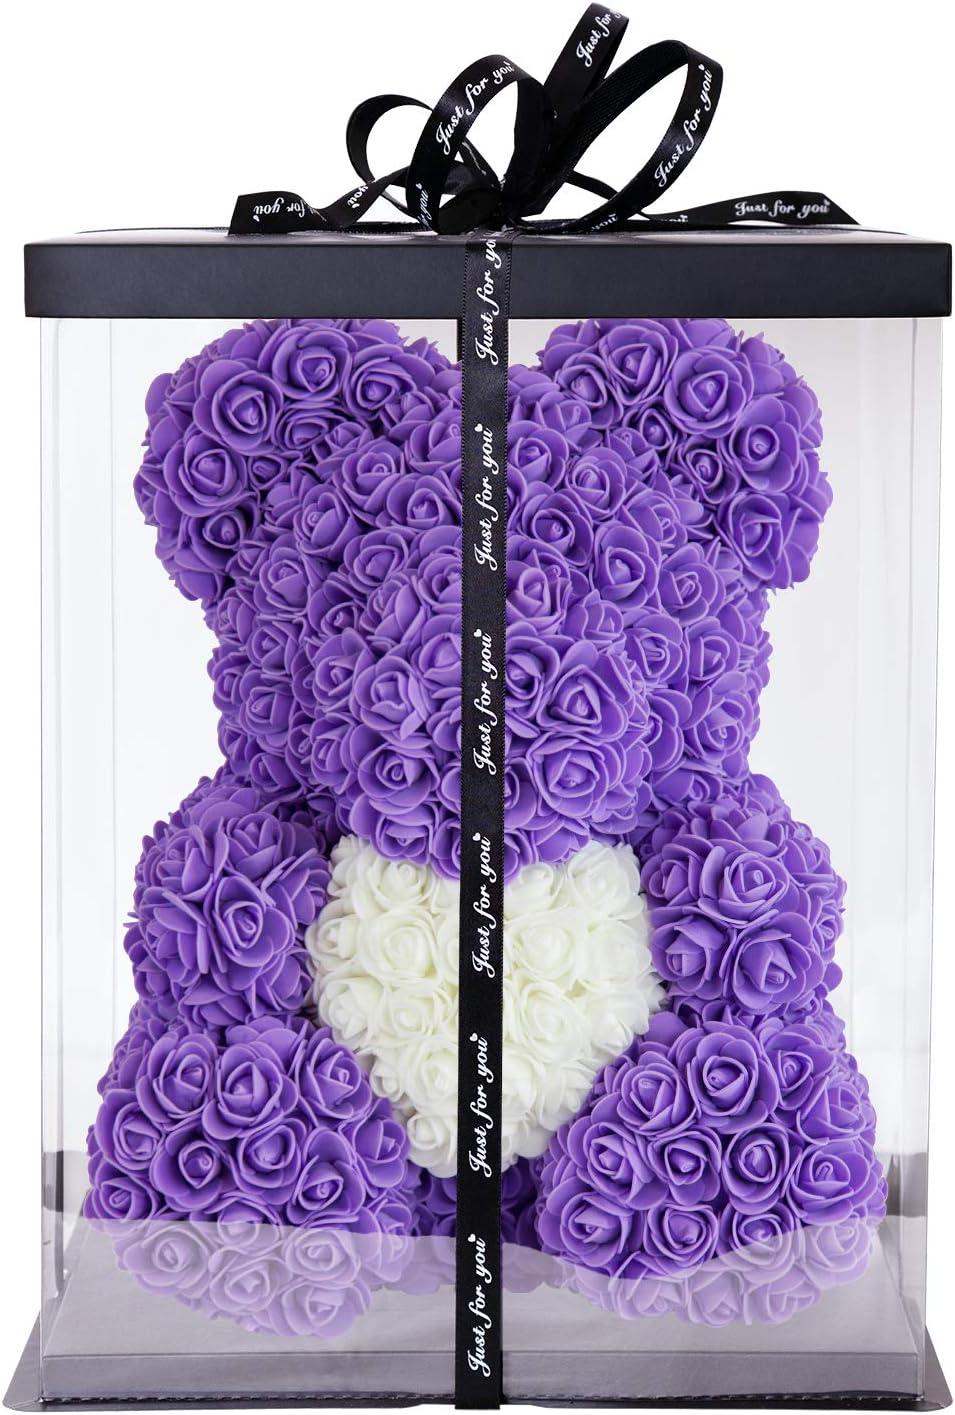 Fidanzamento Matrimonio Festa della Donna Compleanno I Artigianale Battesimo MALOVI Orsetto di Rose 38cm I Realizzato a Mano I Idea Regalo I per San Valentino Anniversari Laurea Natale